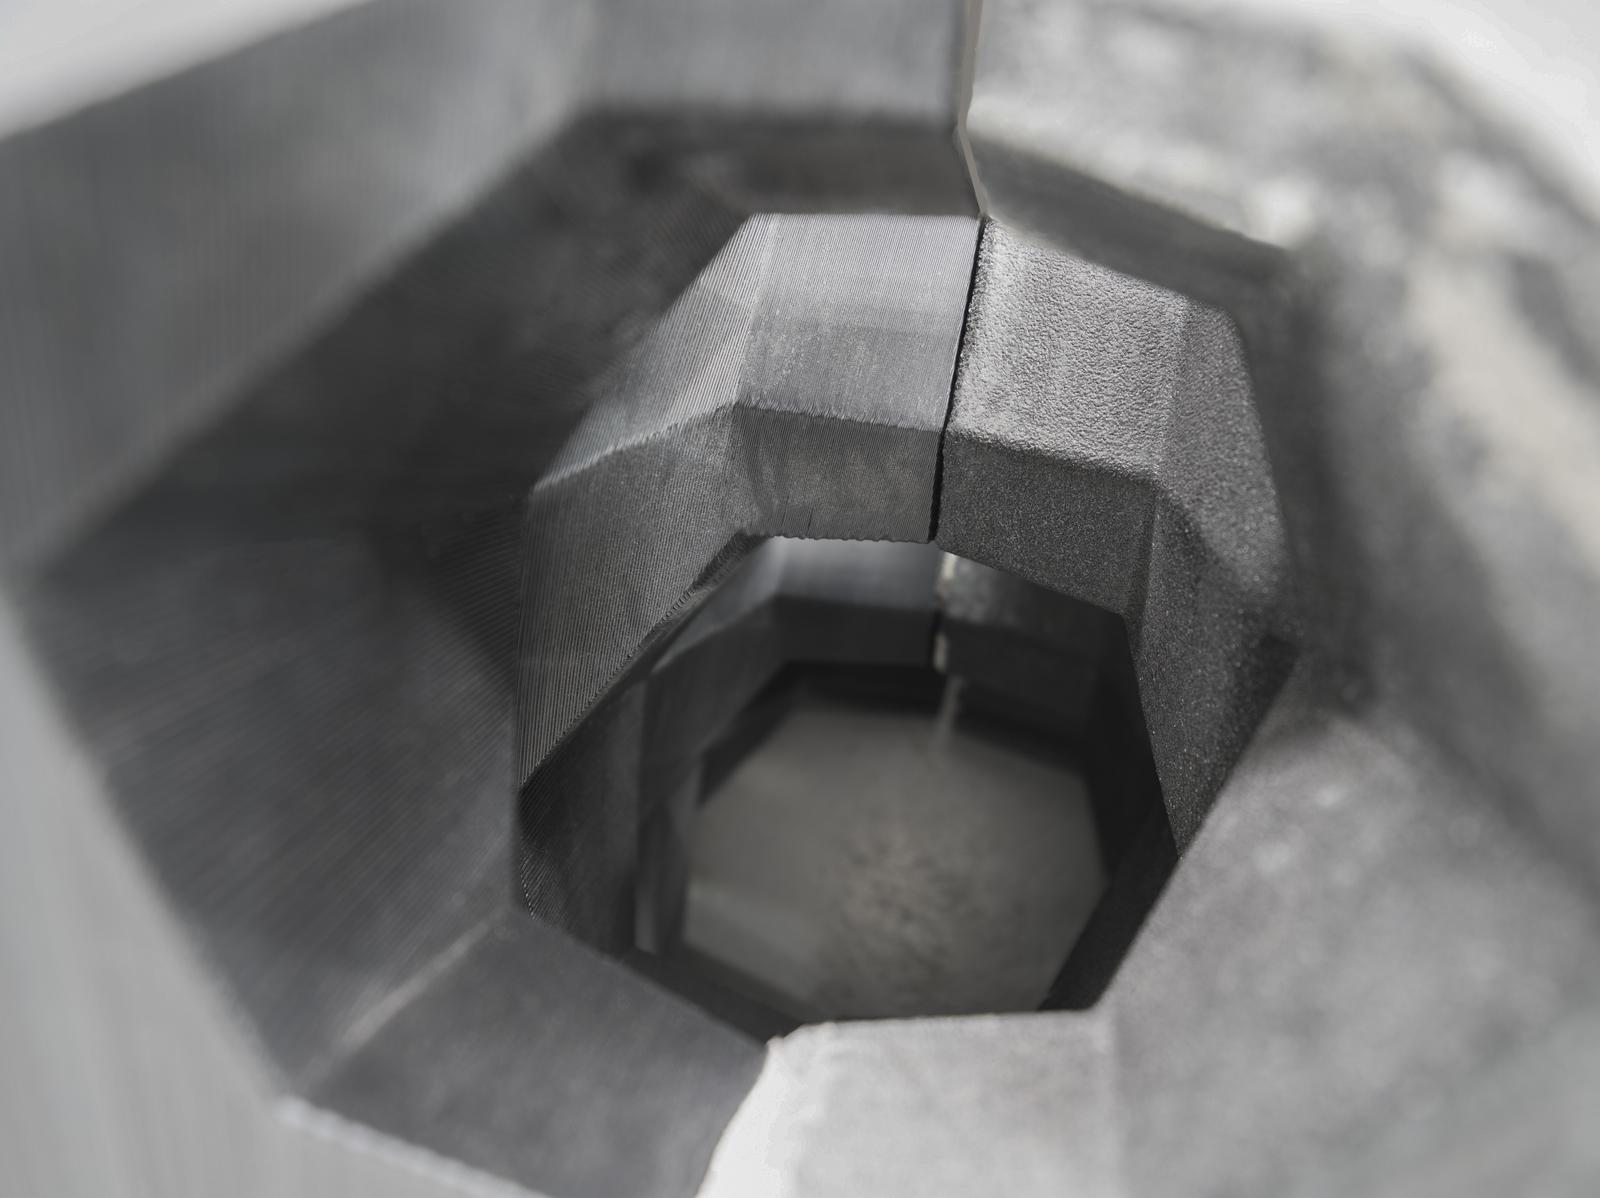 BigRep - Concrete 011_final (Copiar)